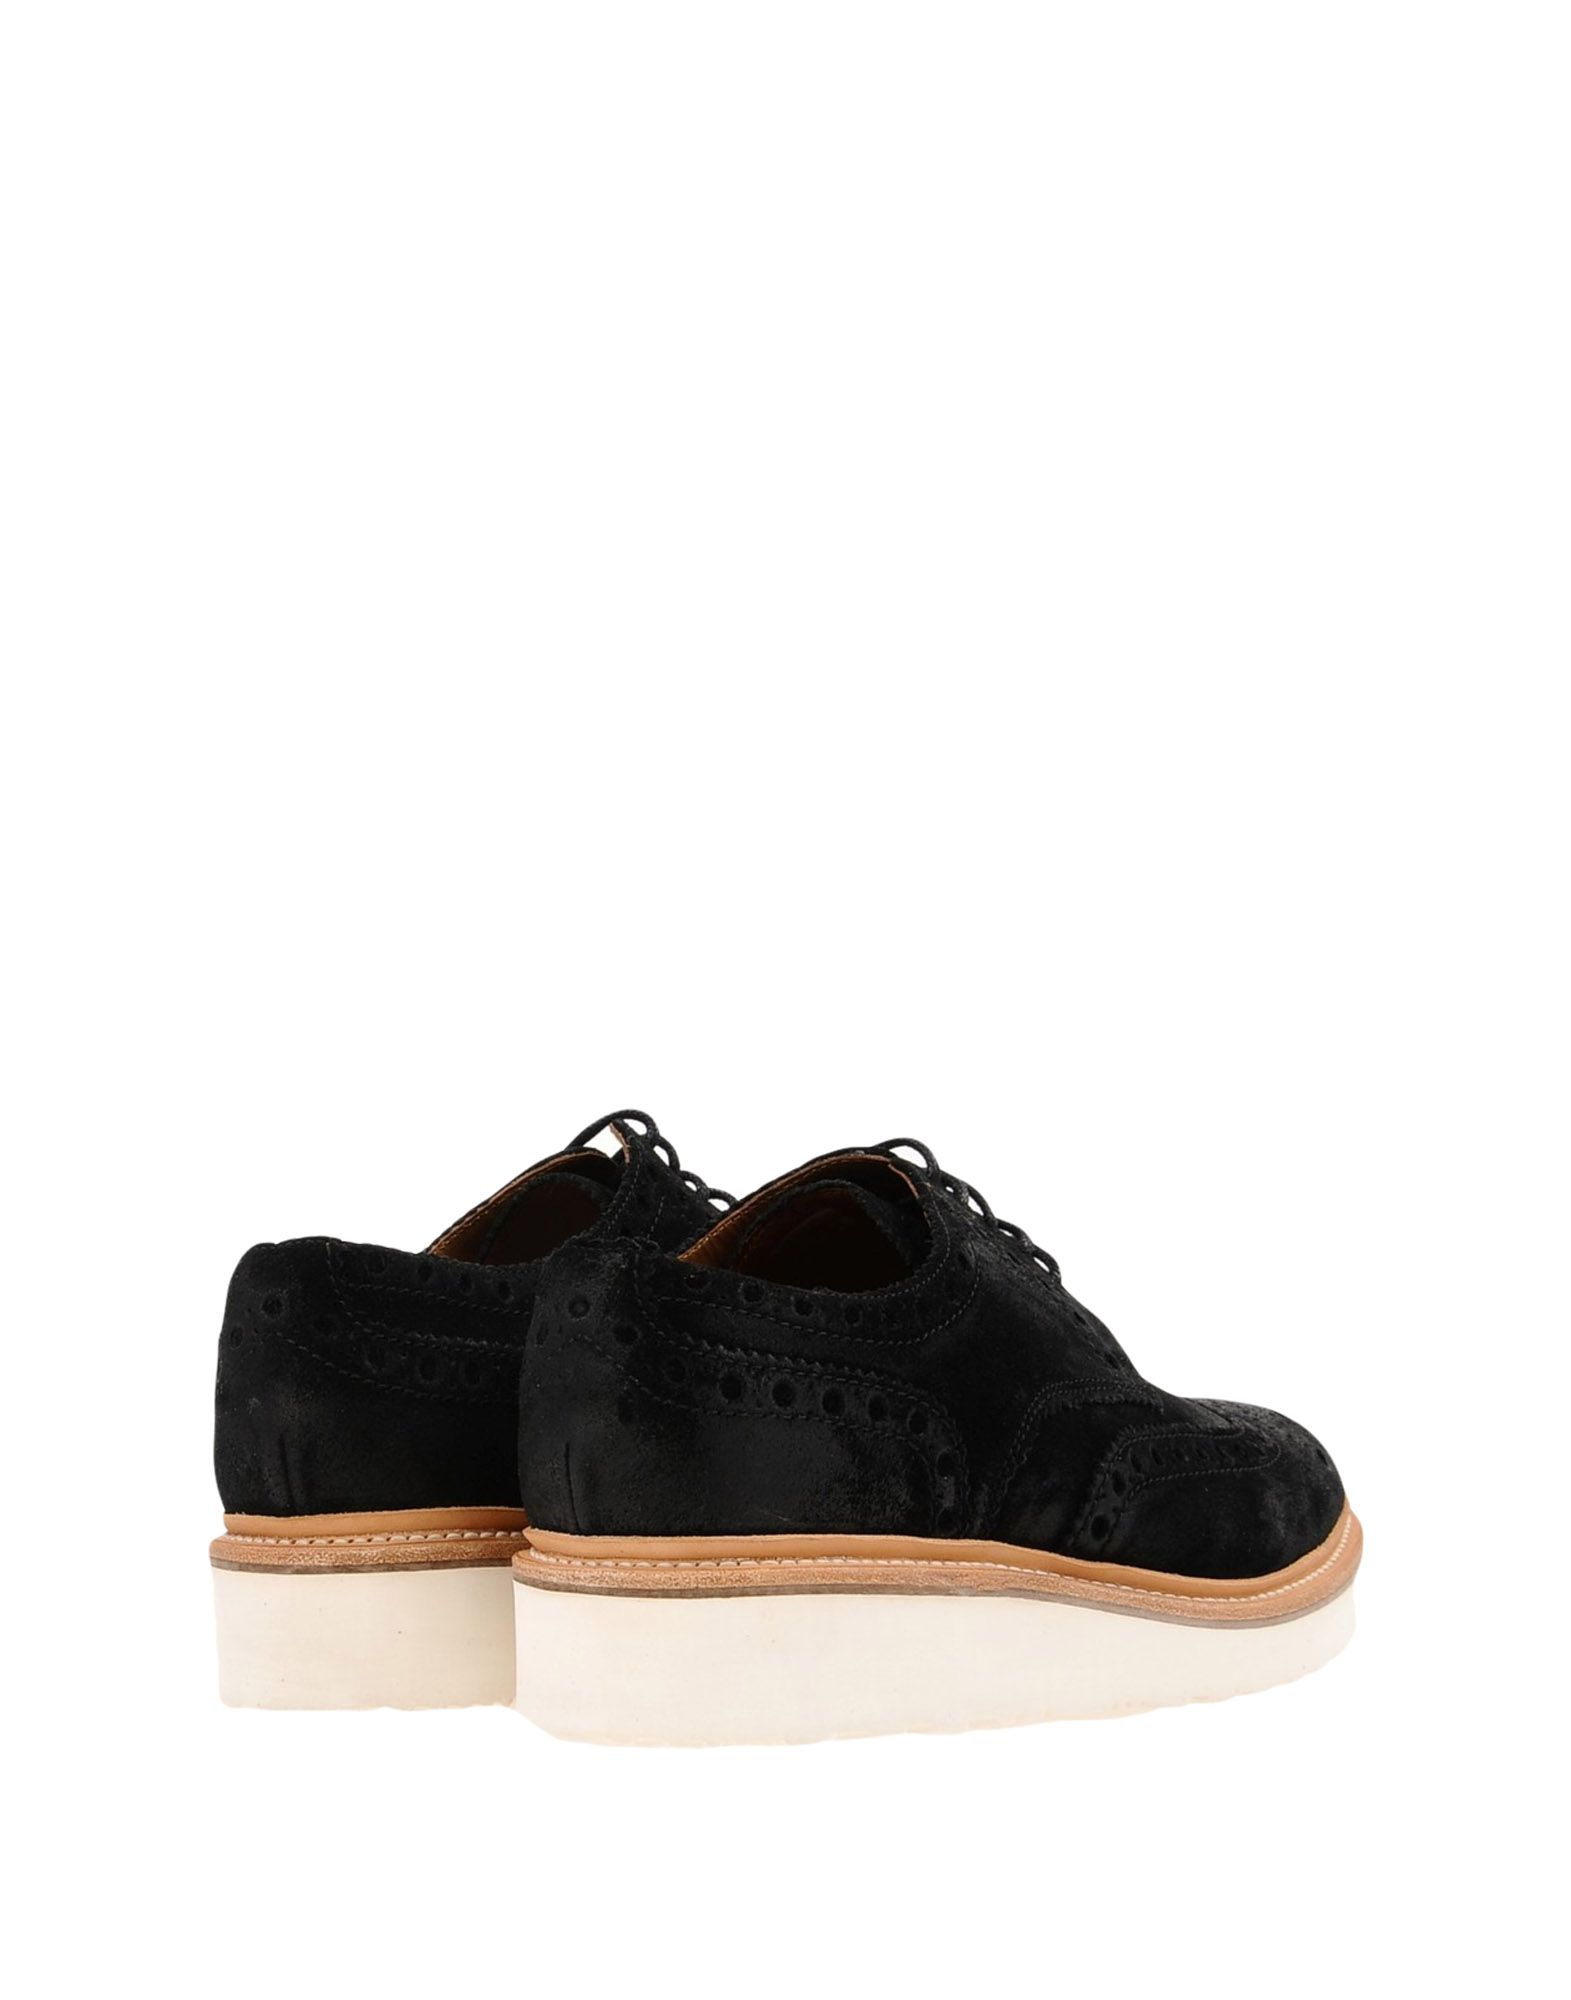 Grenson Gute Schnürschuhe Herren  11335984DP Gute Grenson Qualität beliebte Schuhe e5e128